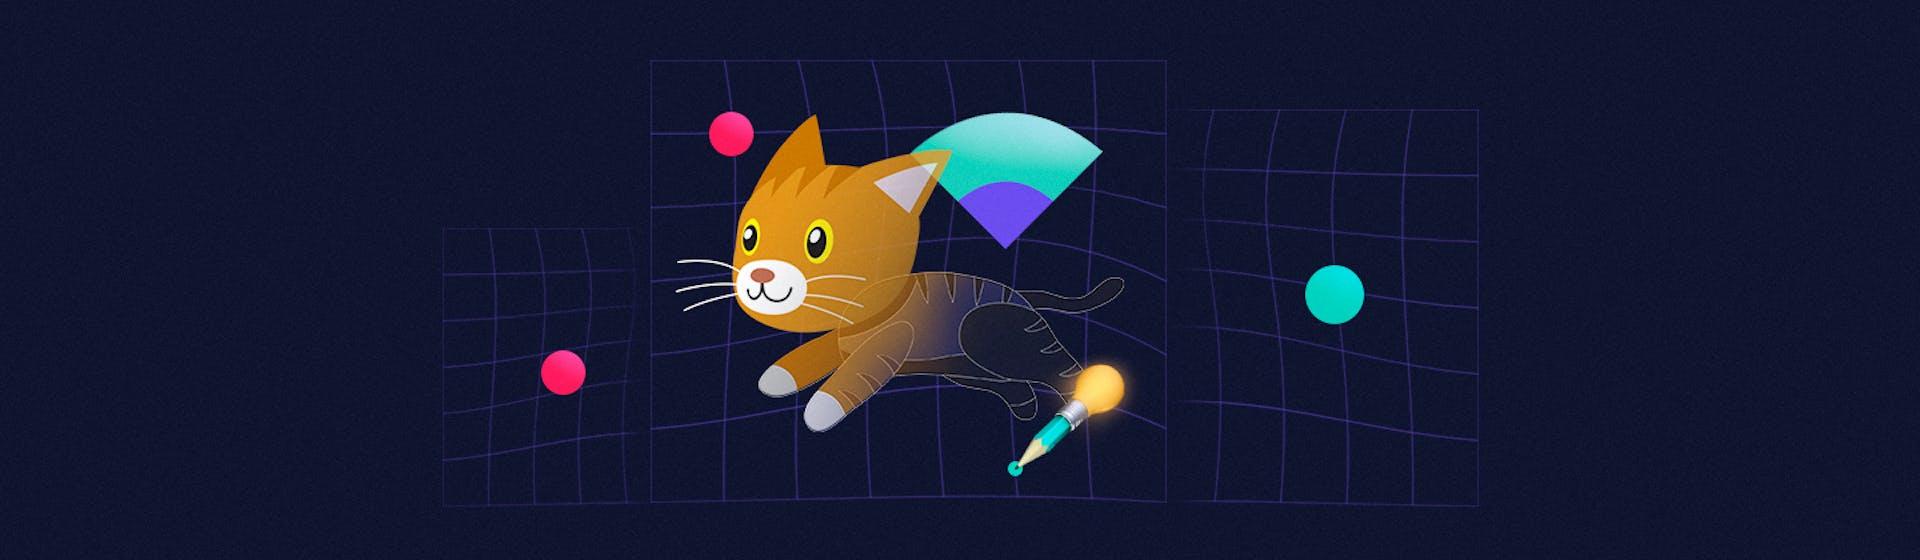 ¿Cómo dibujar un gato paso a paso? Guía de inicio rápido para caer de pie